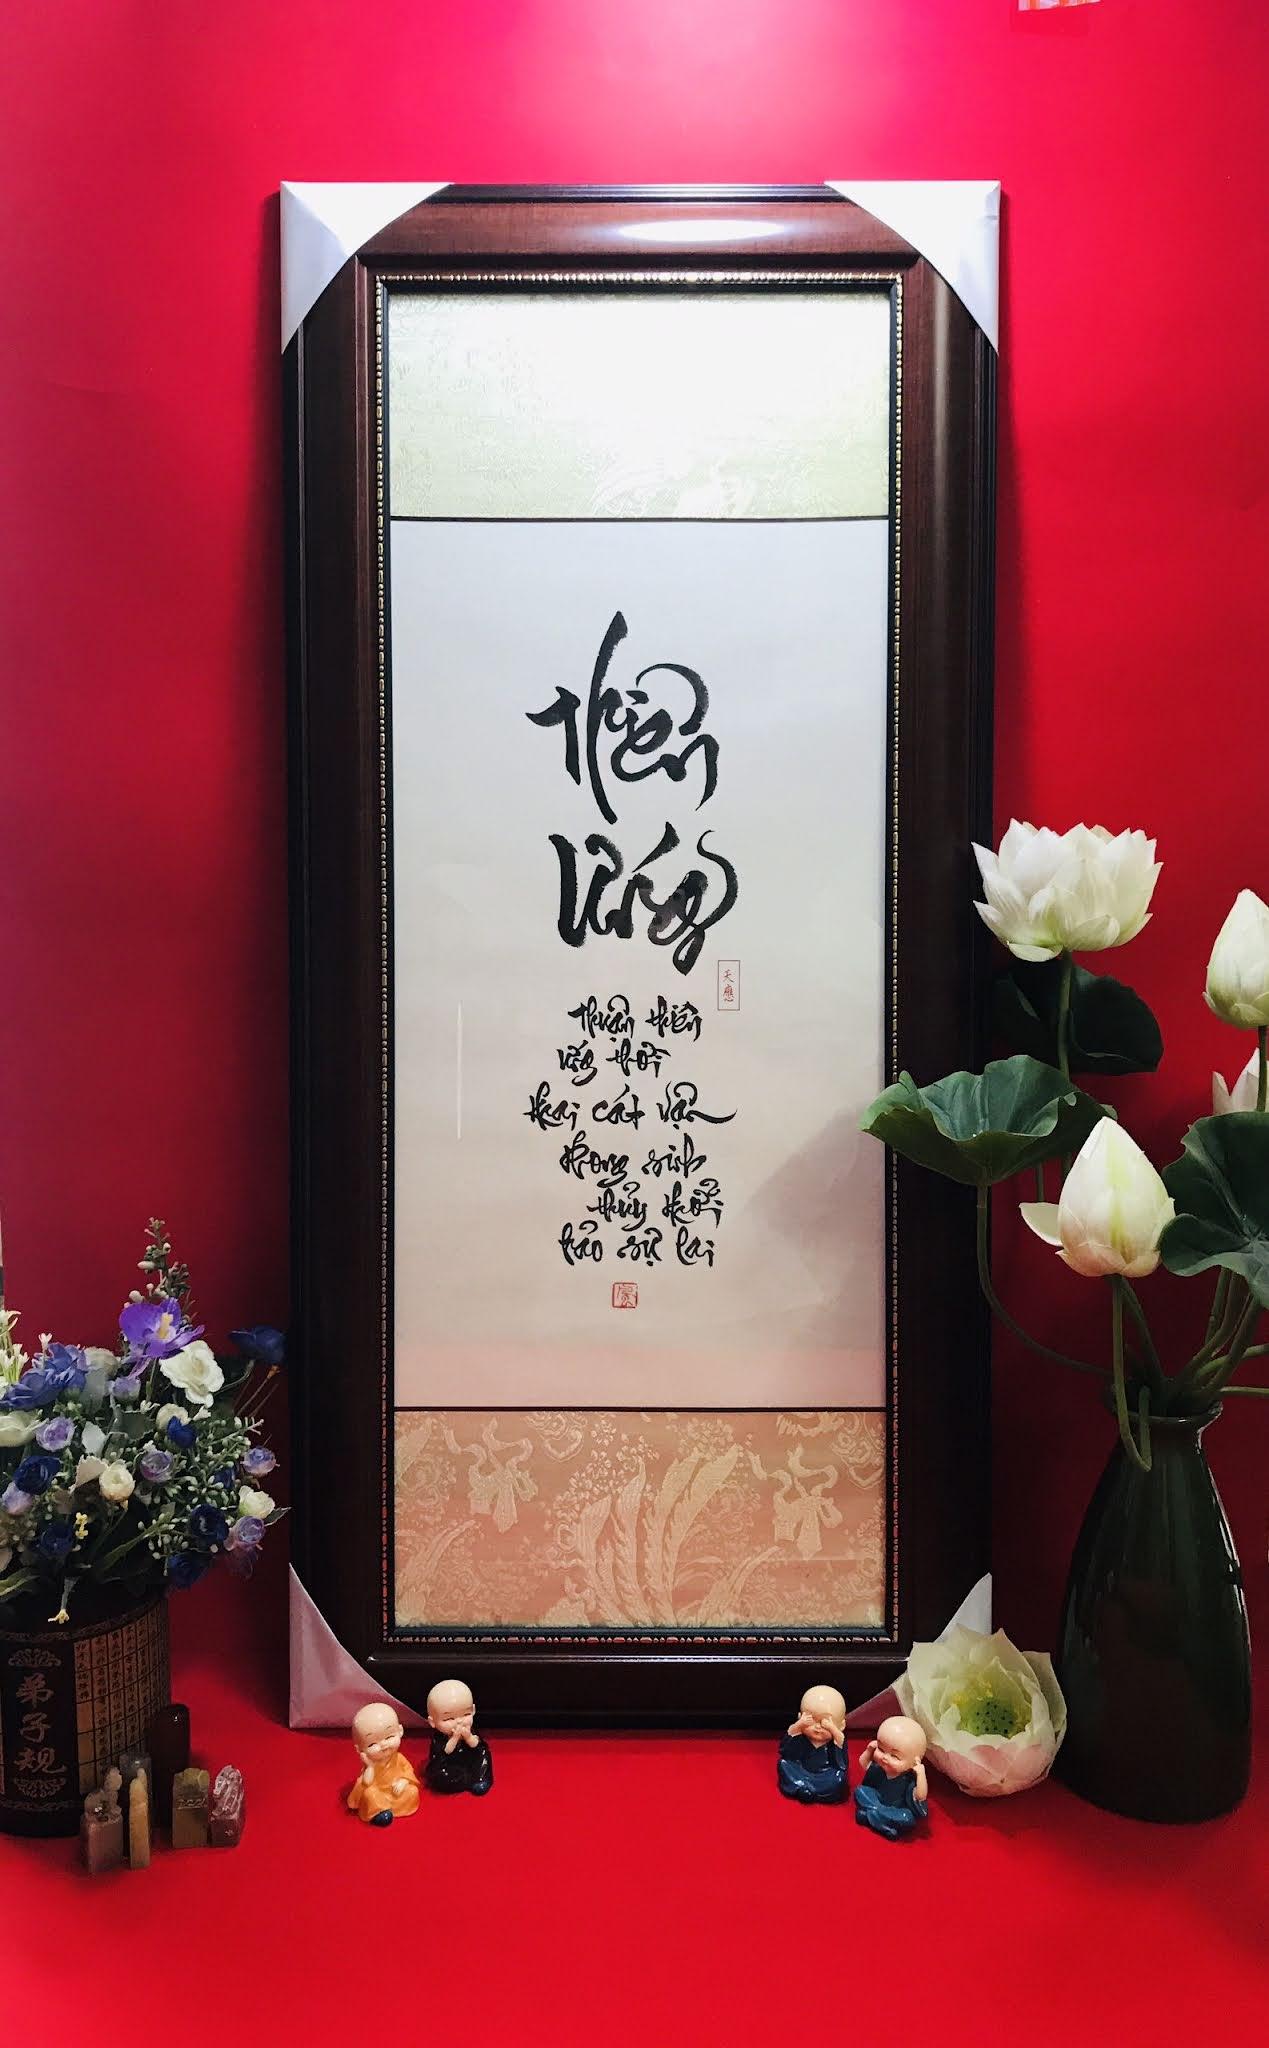 Dịch vụ viết chữ thư pháp chuyên nghiệp tại Hà Nội